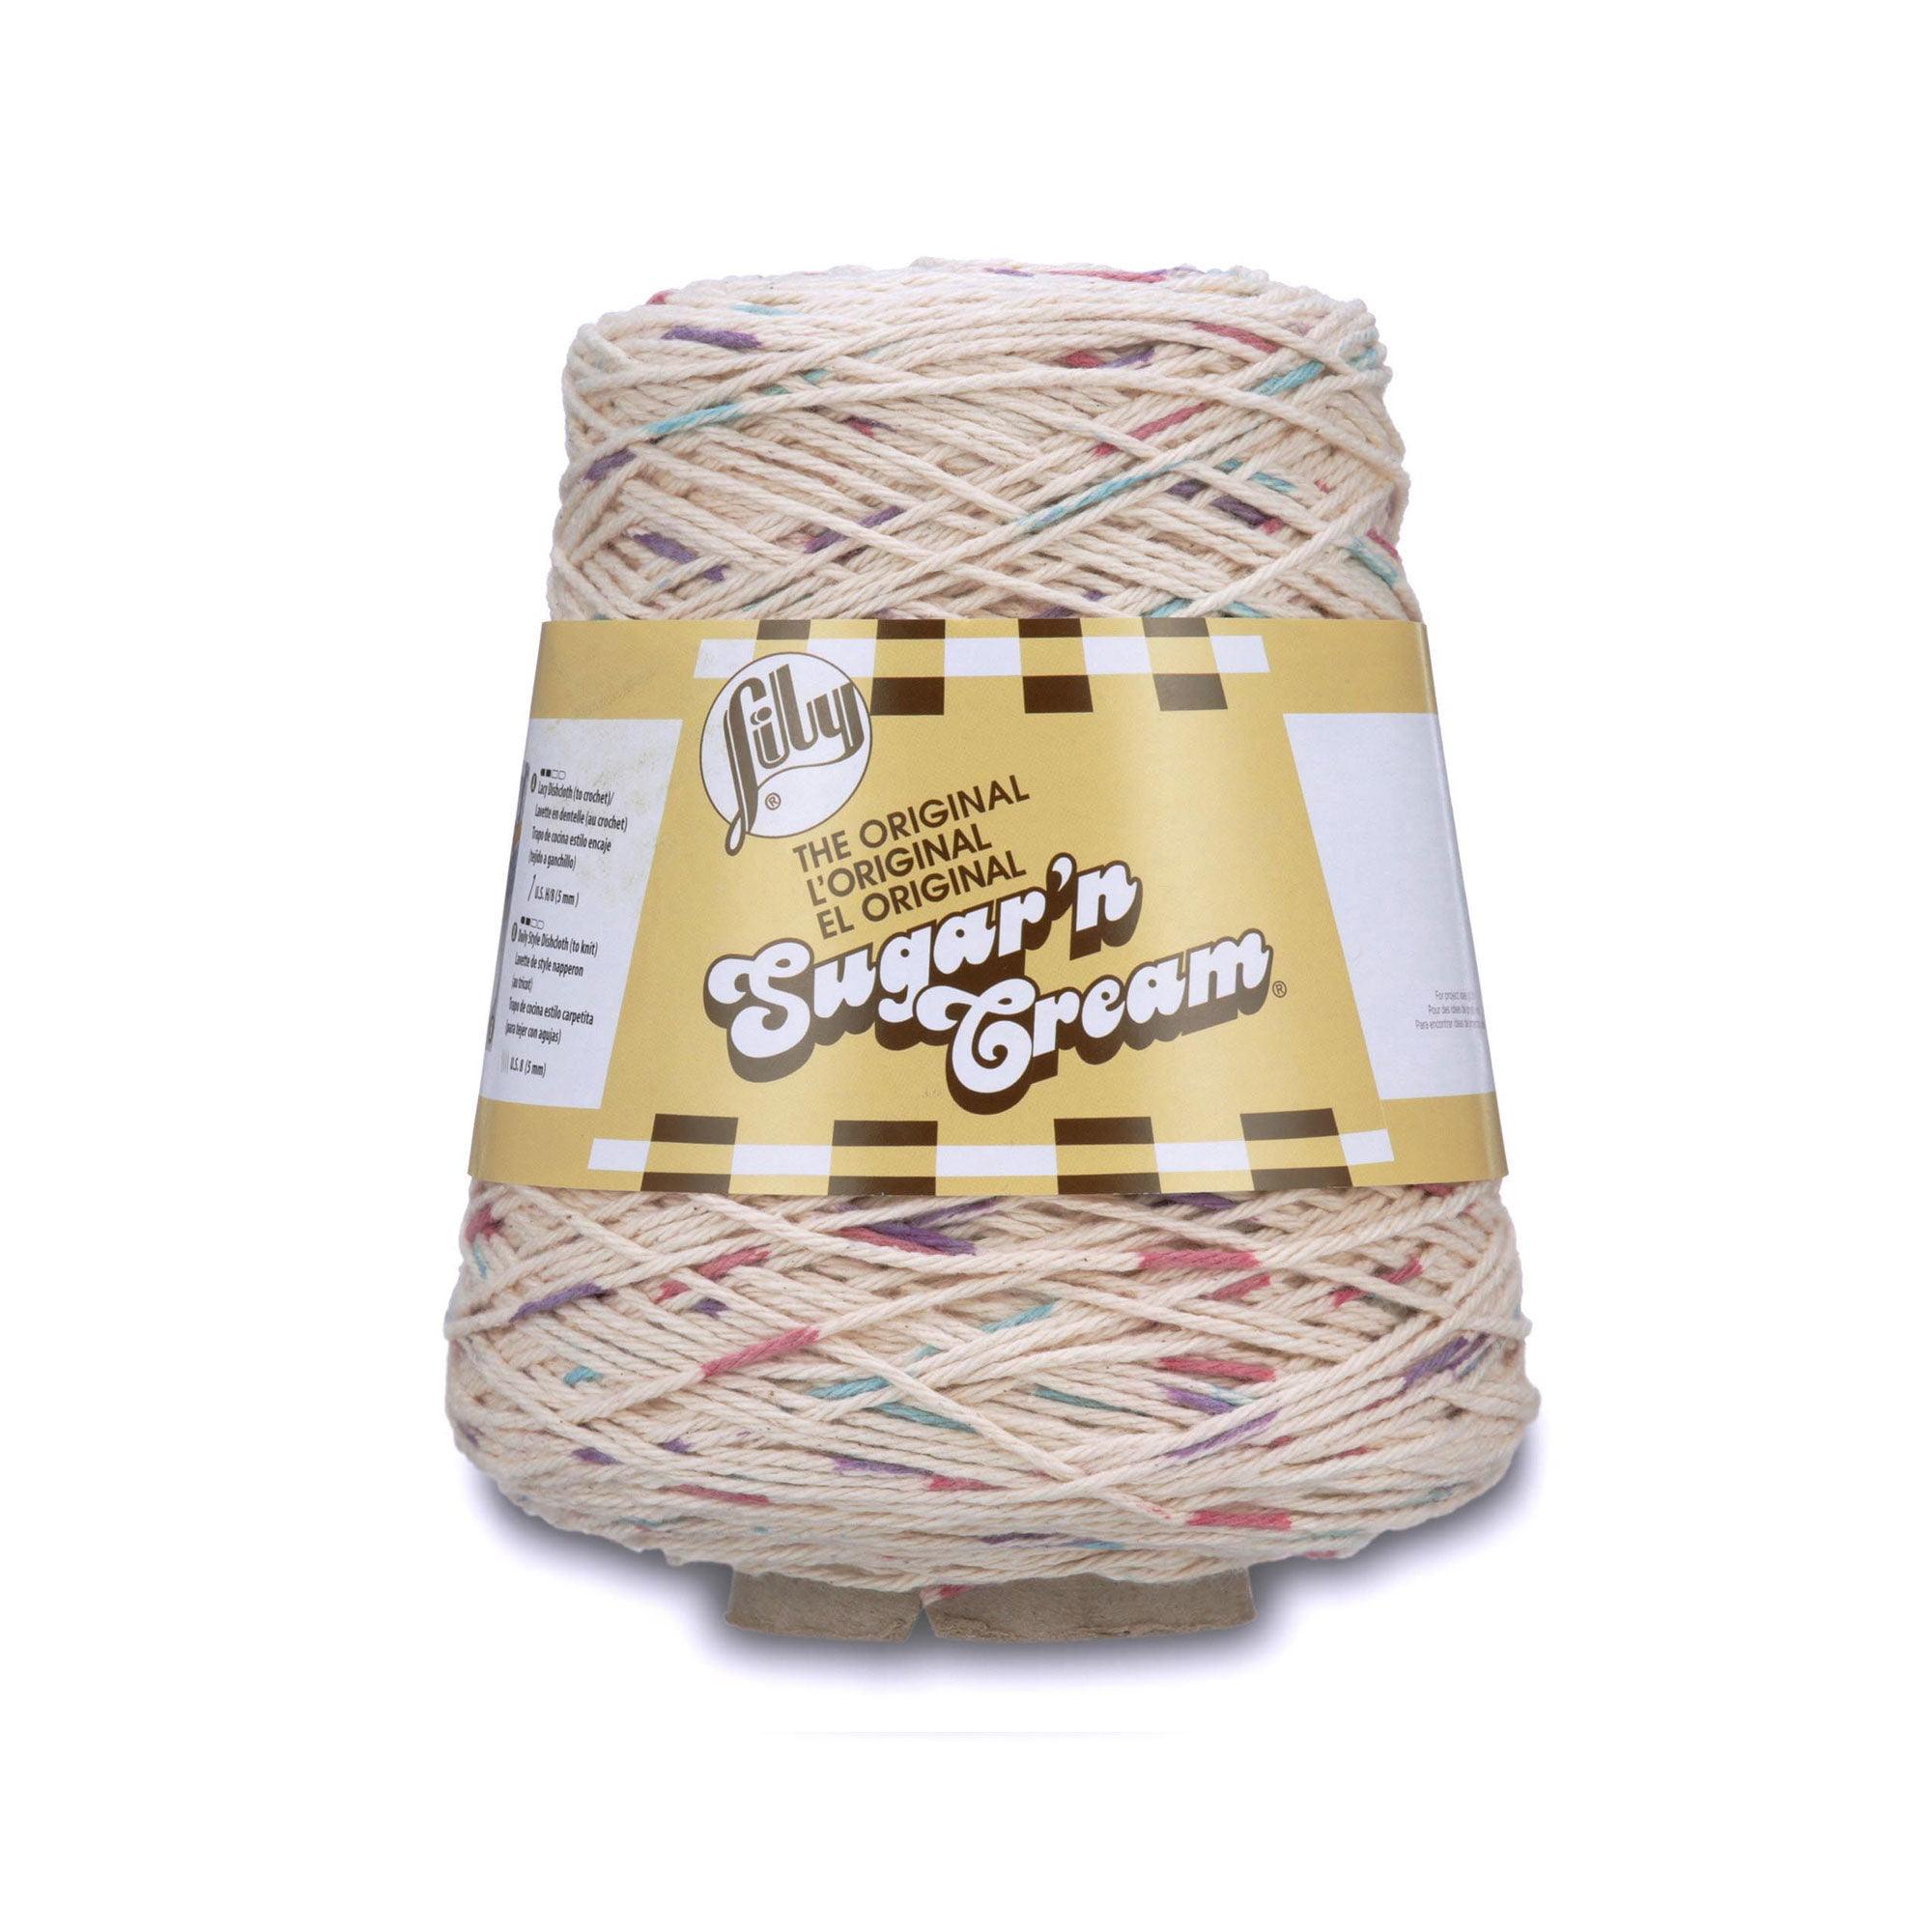 Lily Sugar 'n Cream Cotton Cone Yarn